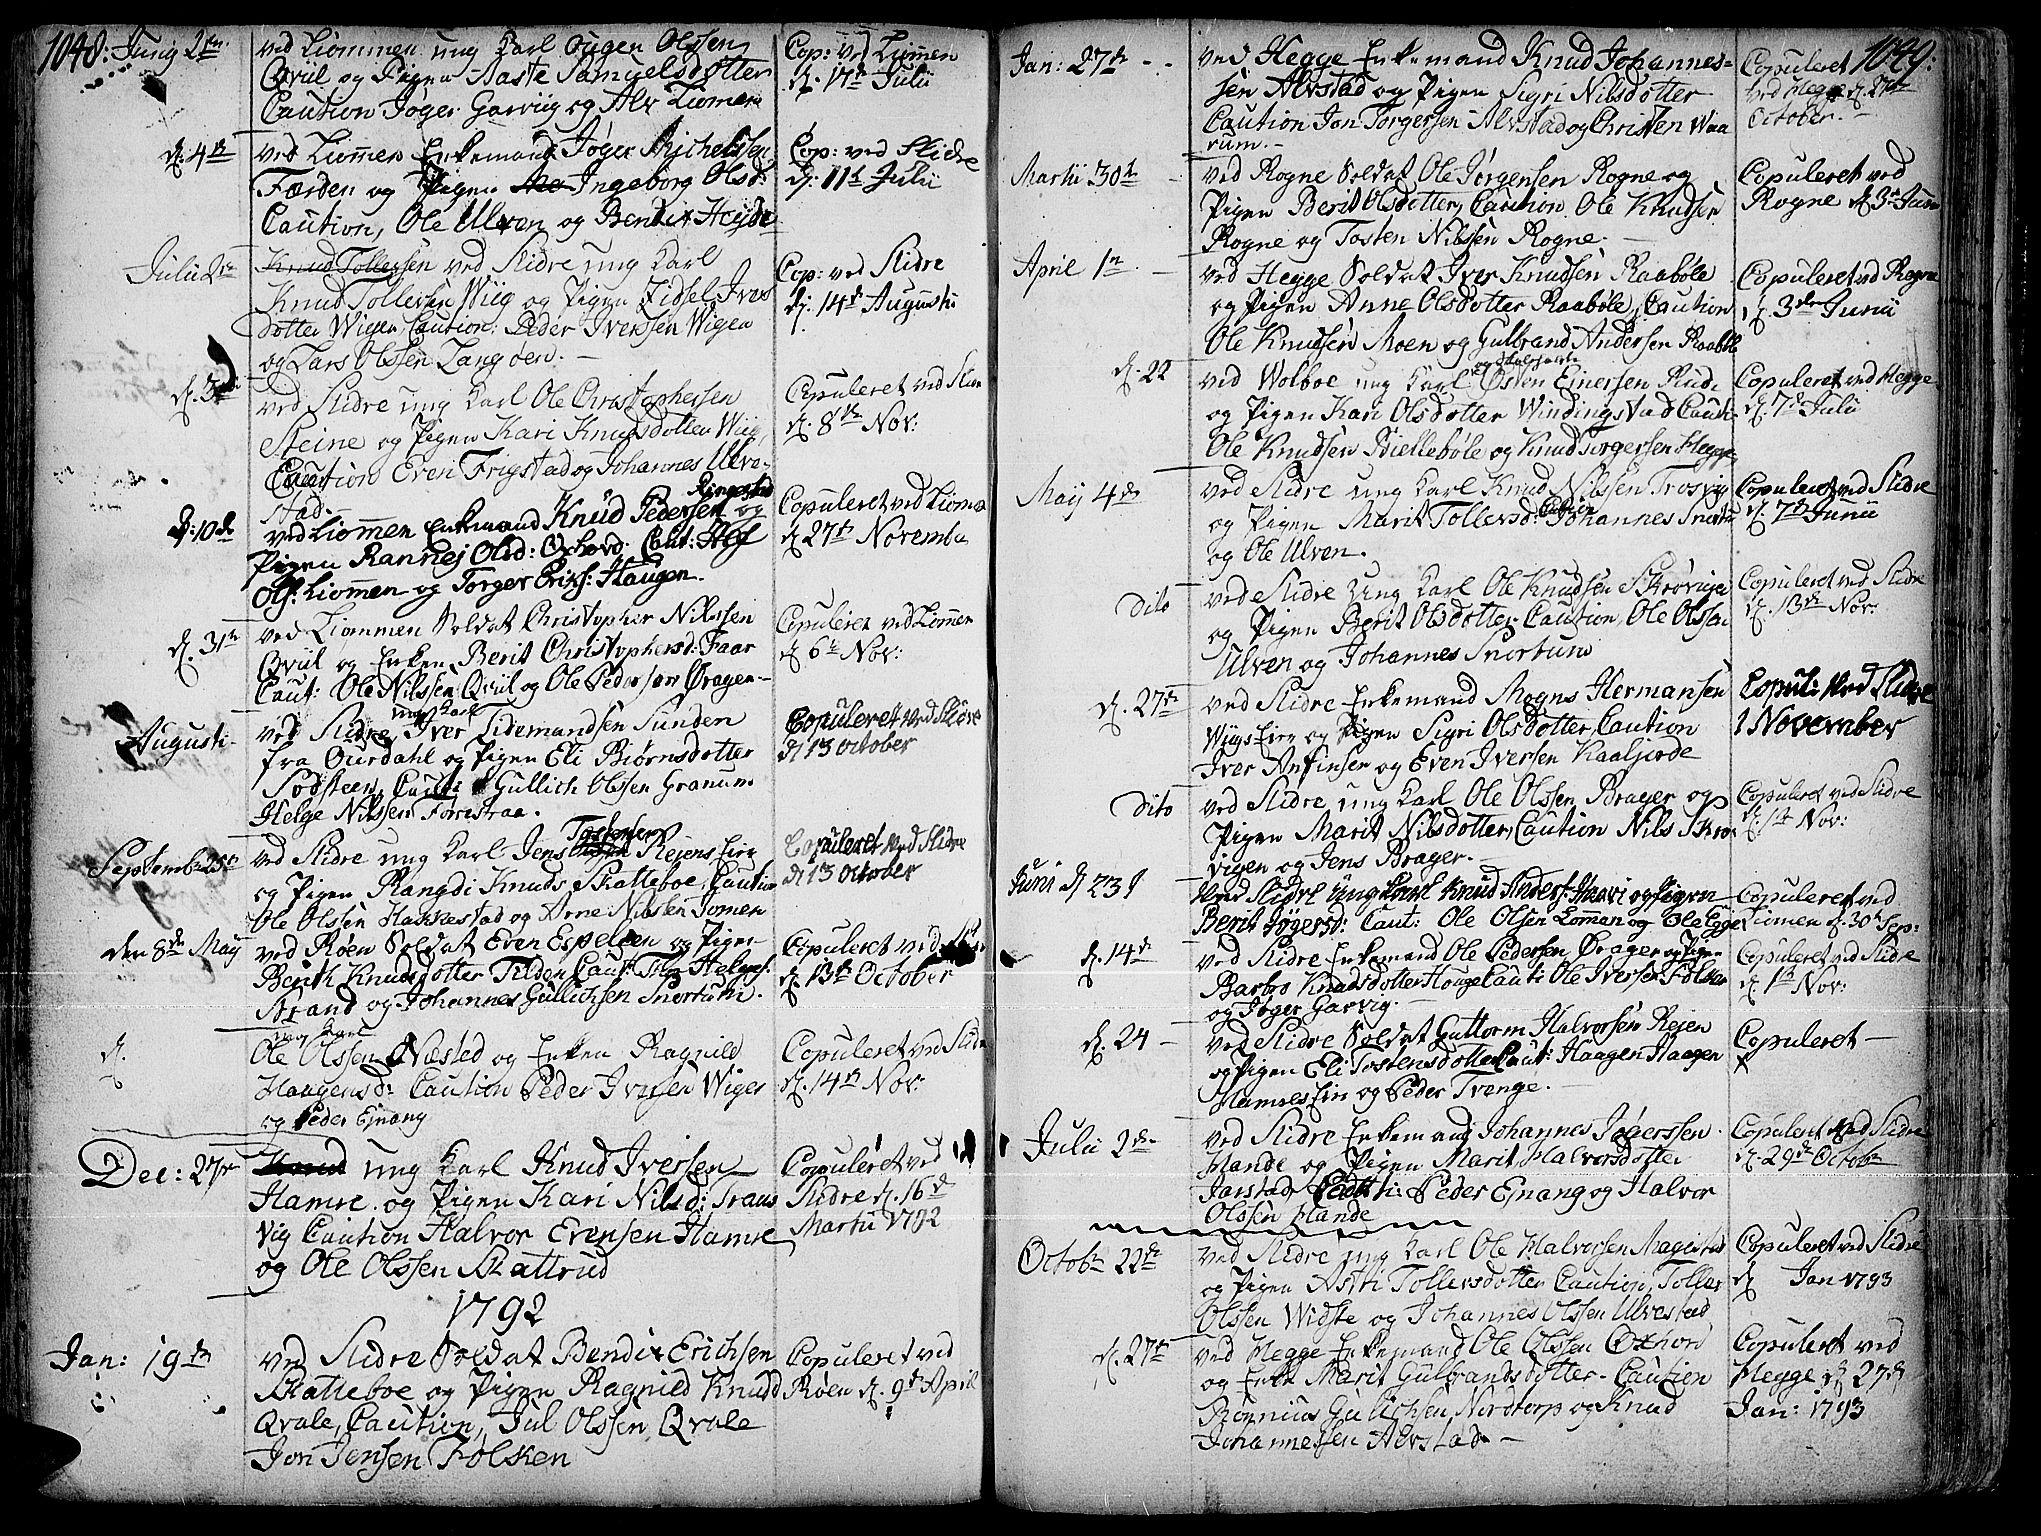 SAH, Slidre prestekontor, Ministerialbok nr. 1, 1724-1814, s. 1048-1049